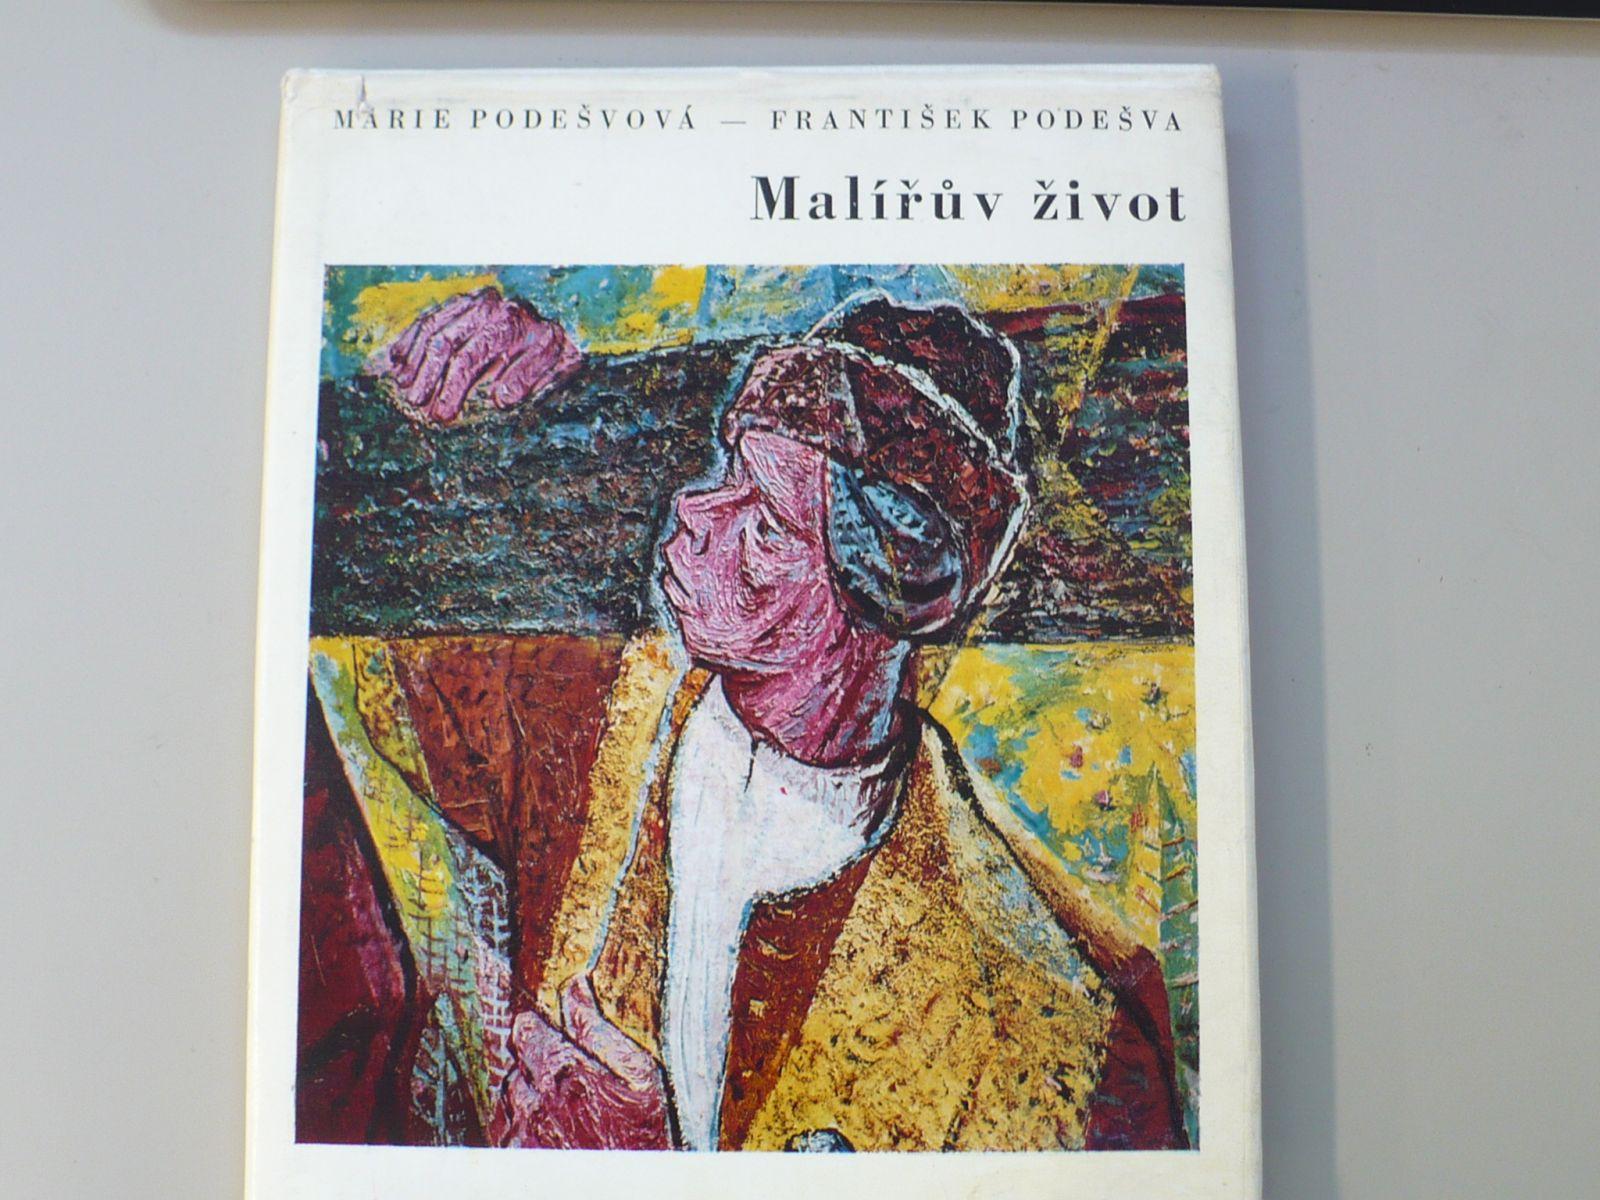 Podešvovi - Malířův život (1973) podpisy autorů